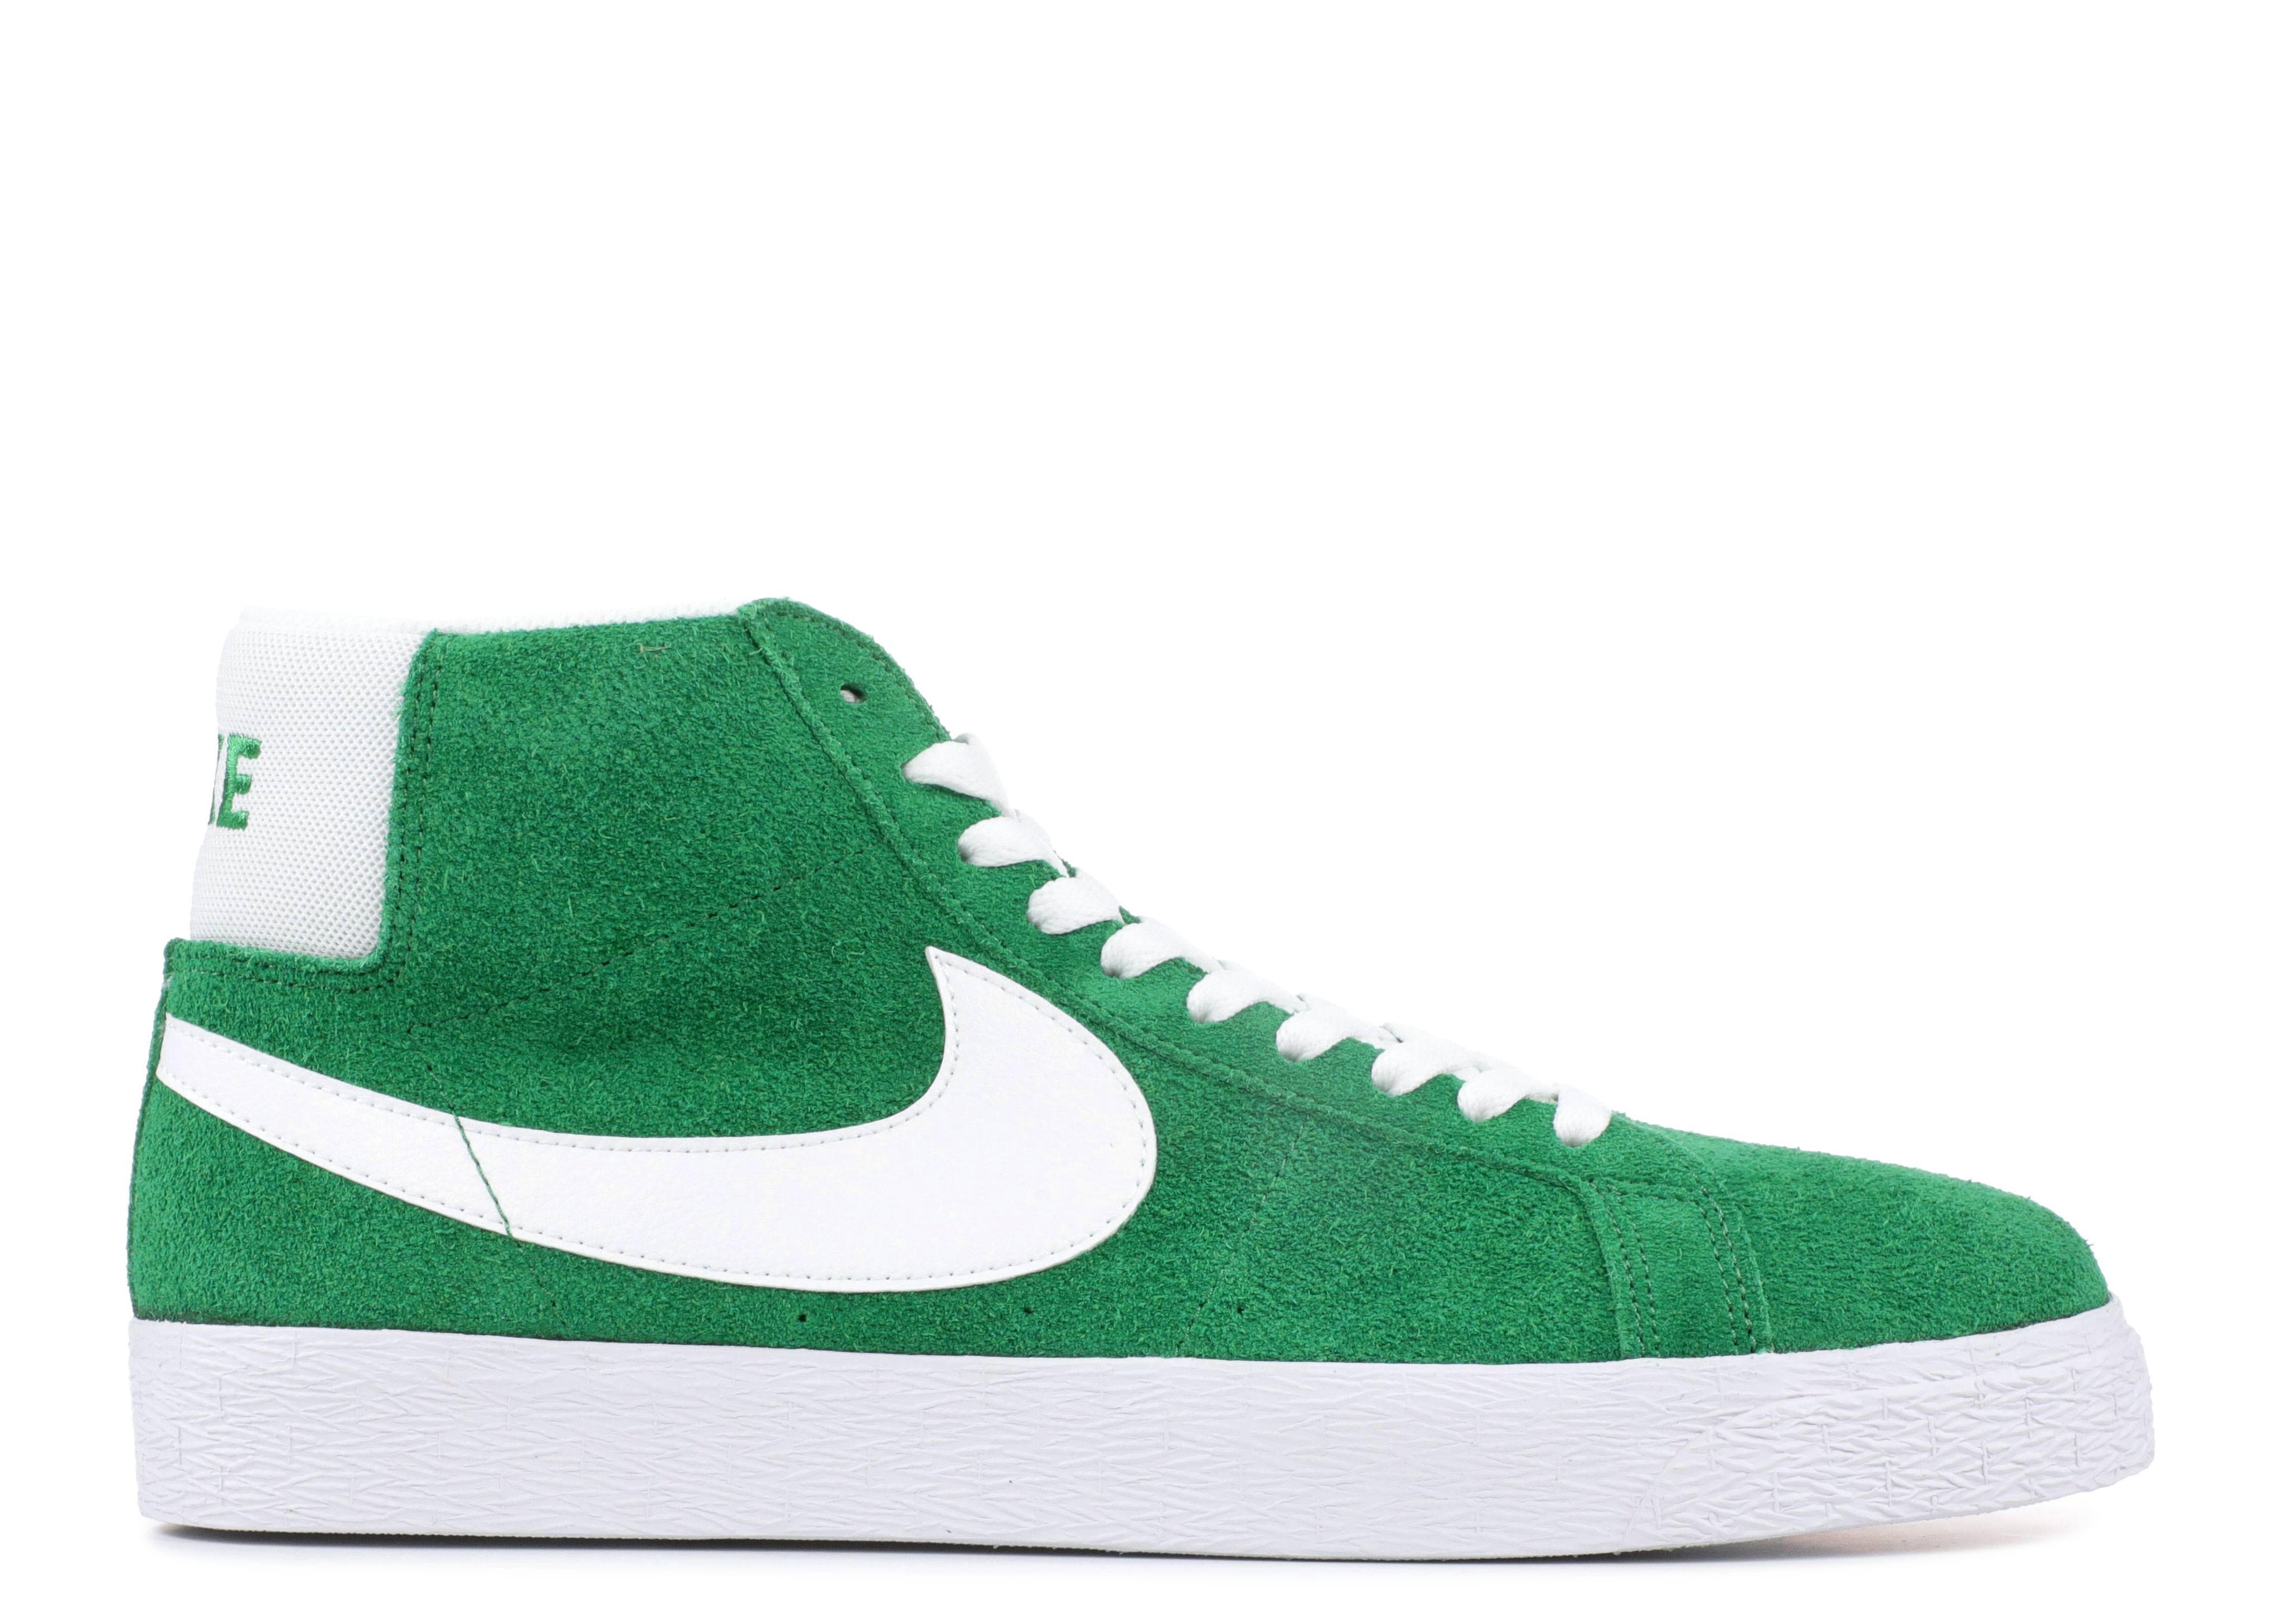 Nike Mid Mens Shoes Green The Blazer Sb